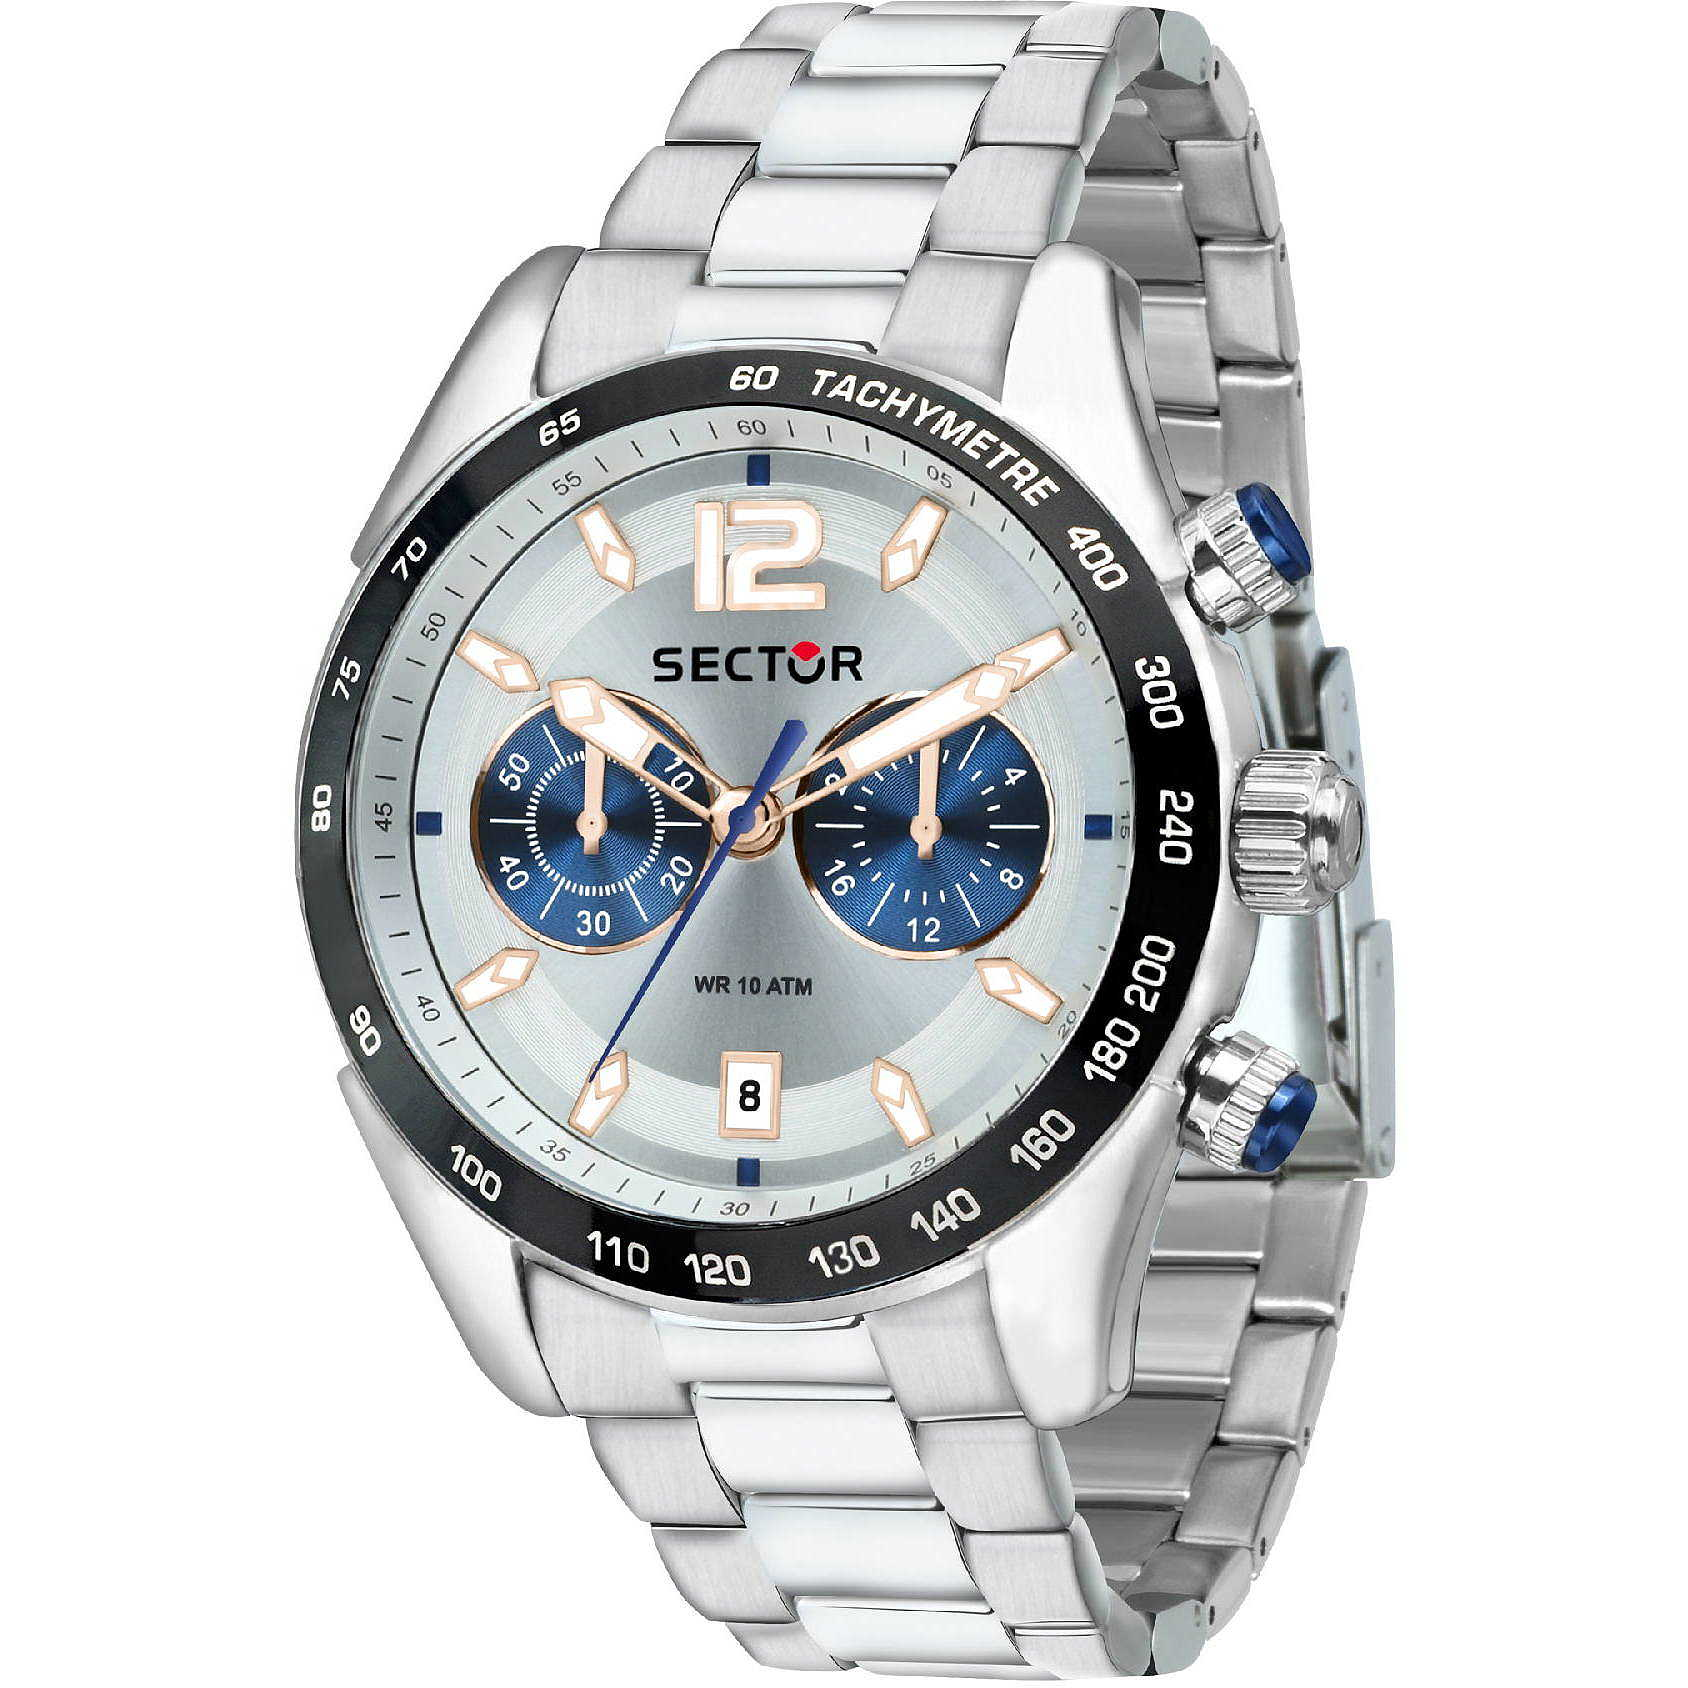 Orologio cronografo uomo sector 330 r3273794008 cronografi for Pietro milano orologi